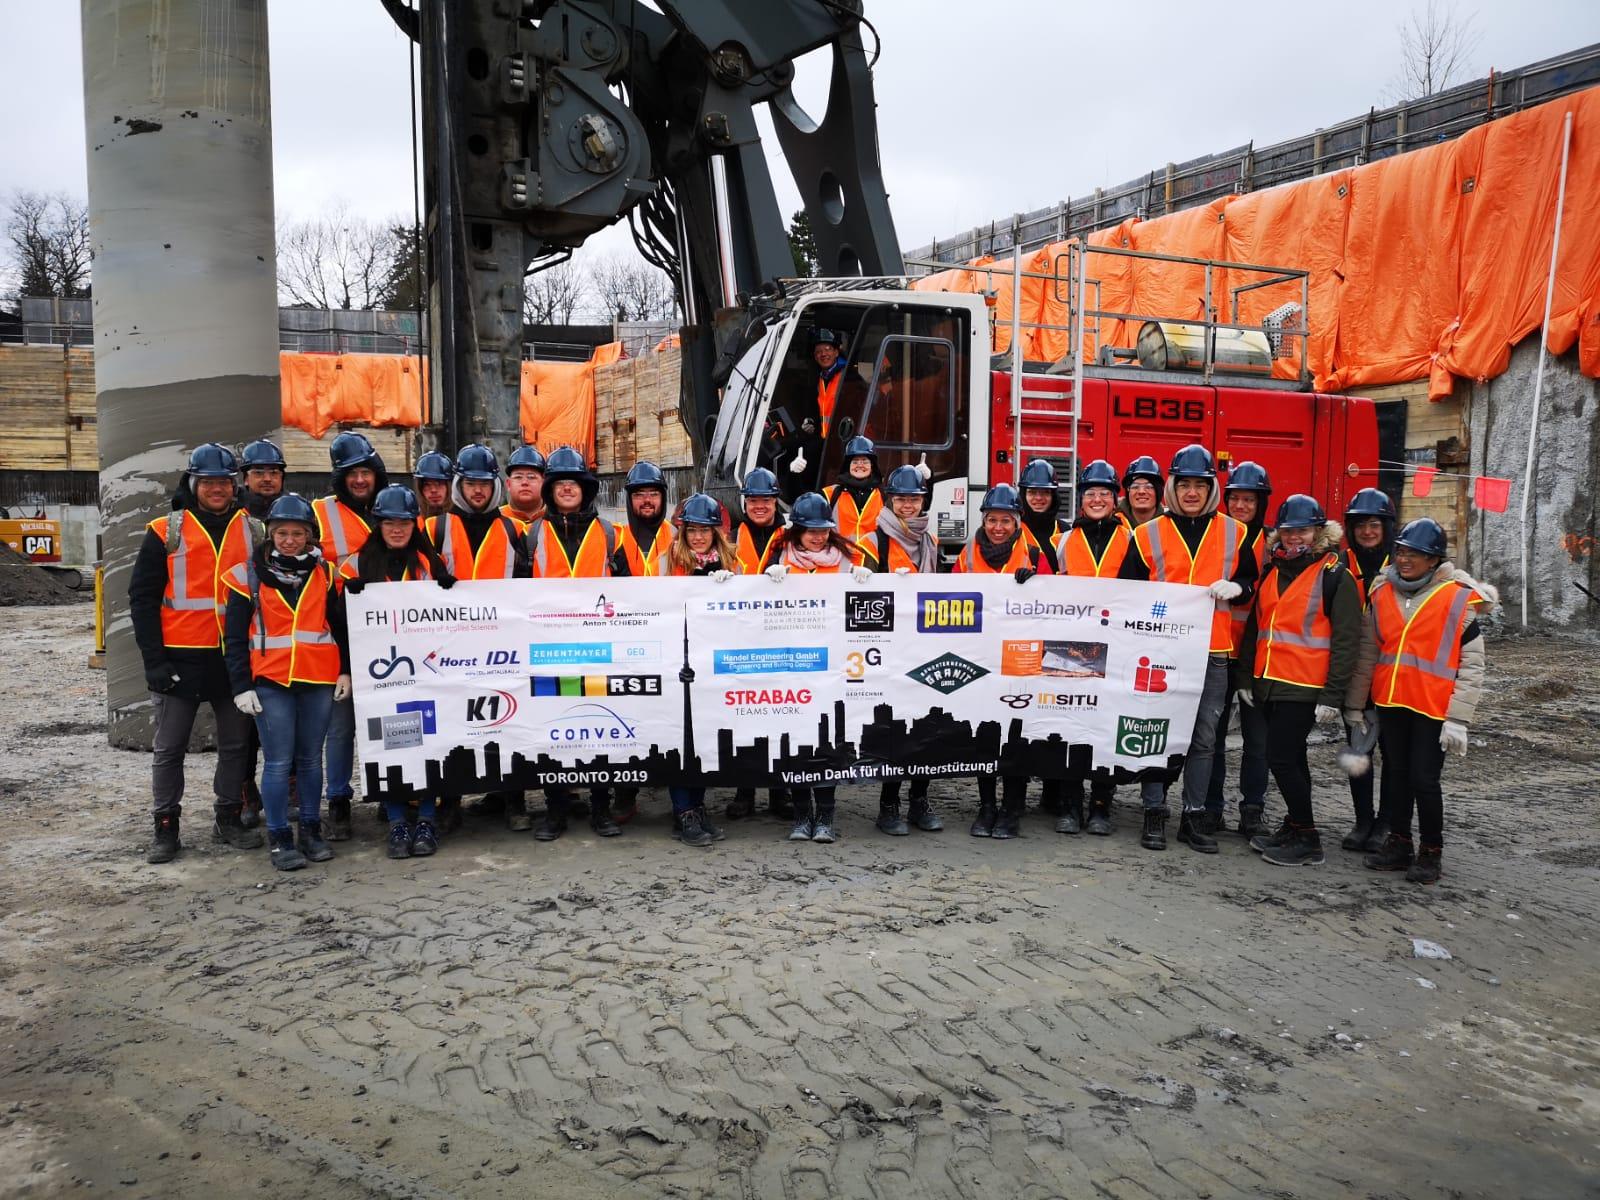 Foto der Teilnehmerinnen und Teilnehmer auf einer Baustelle.